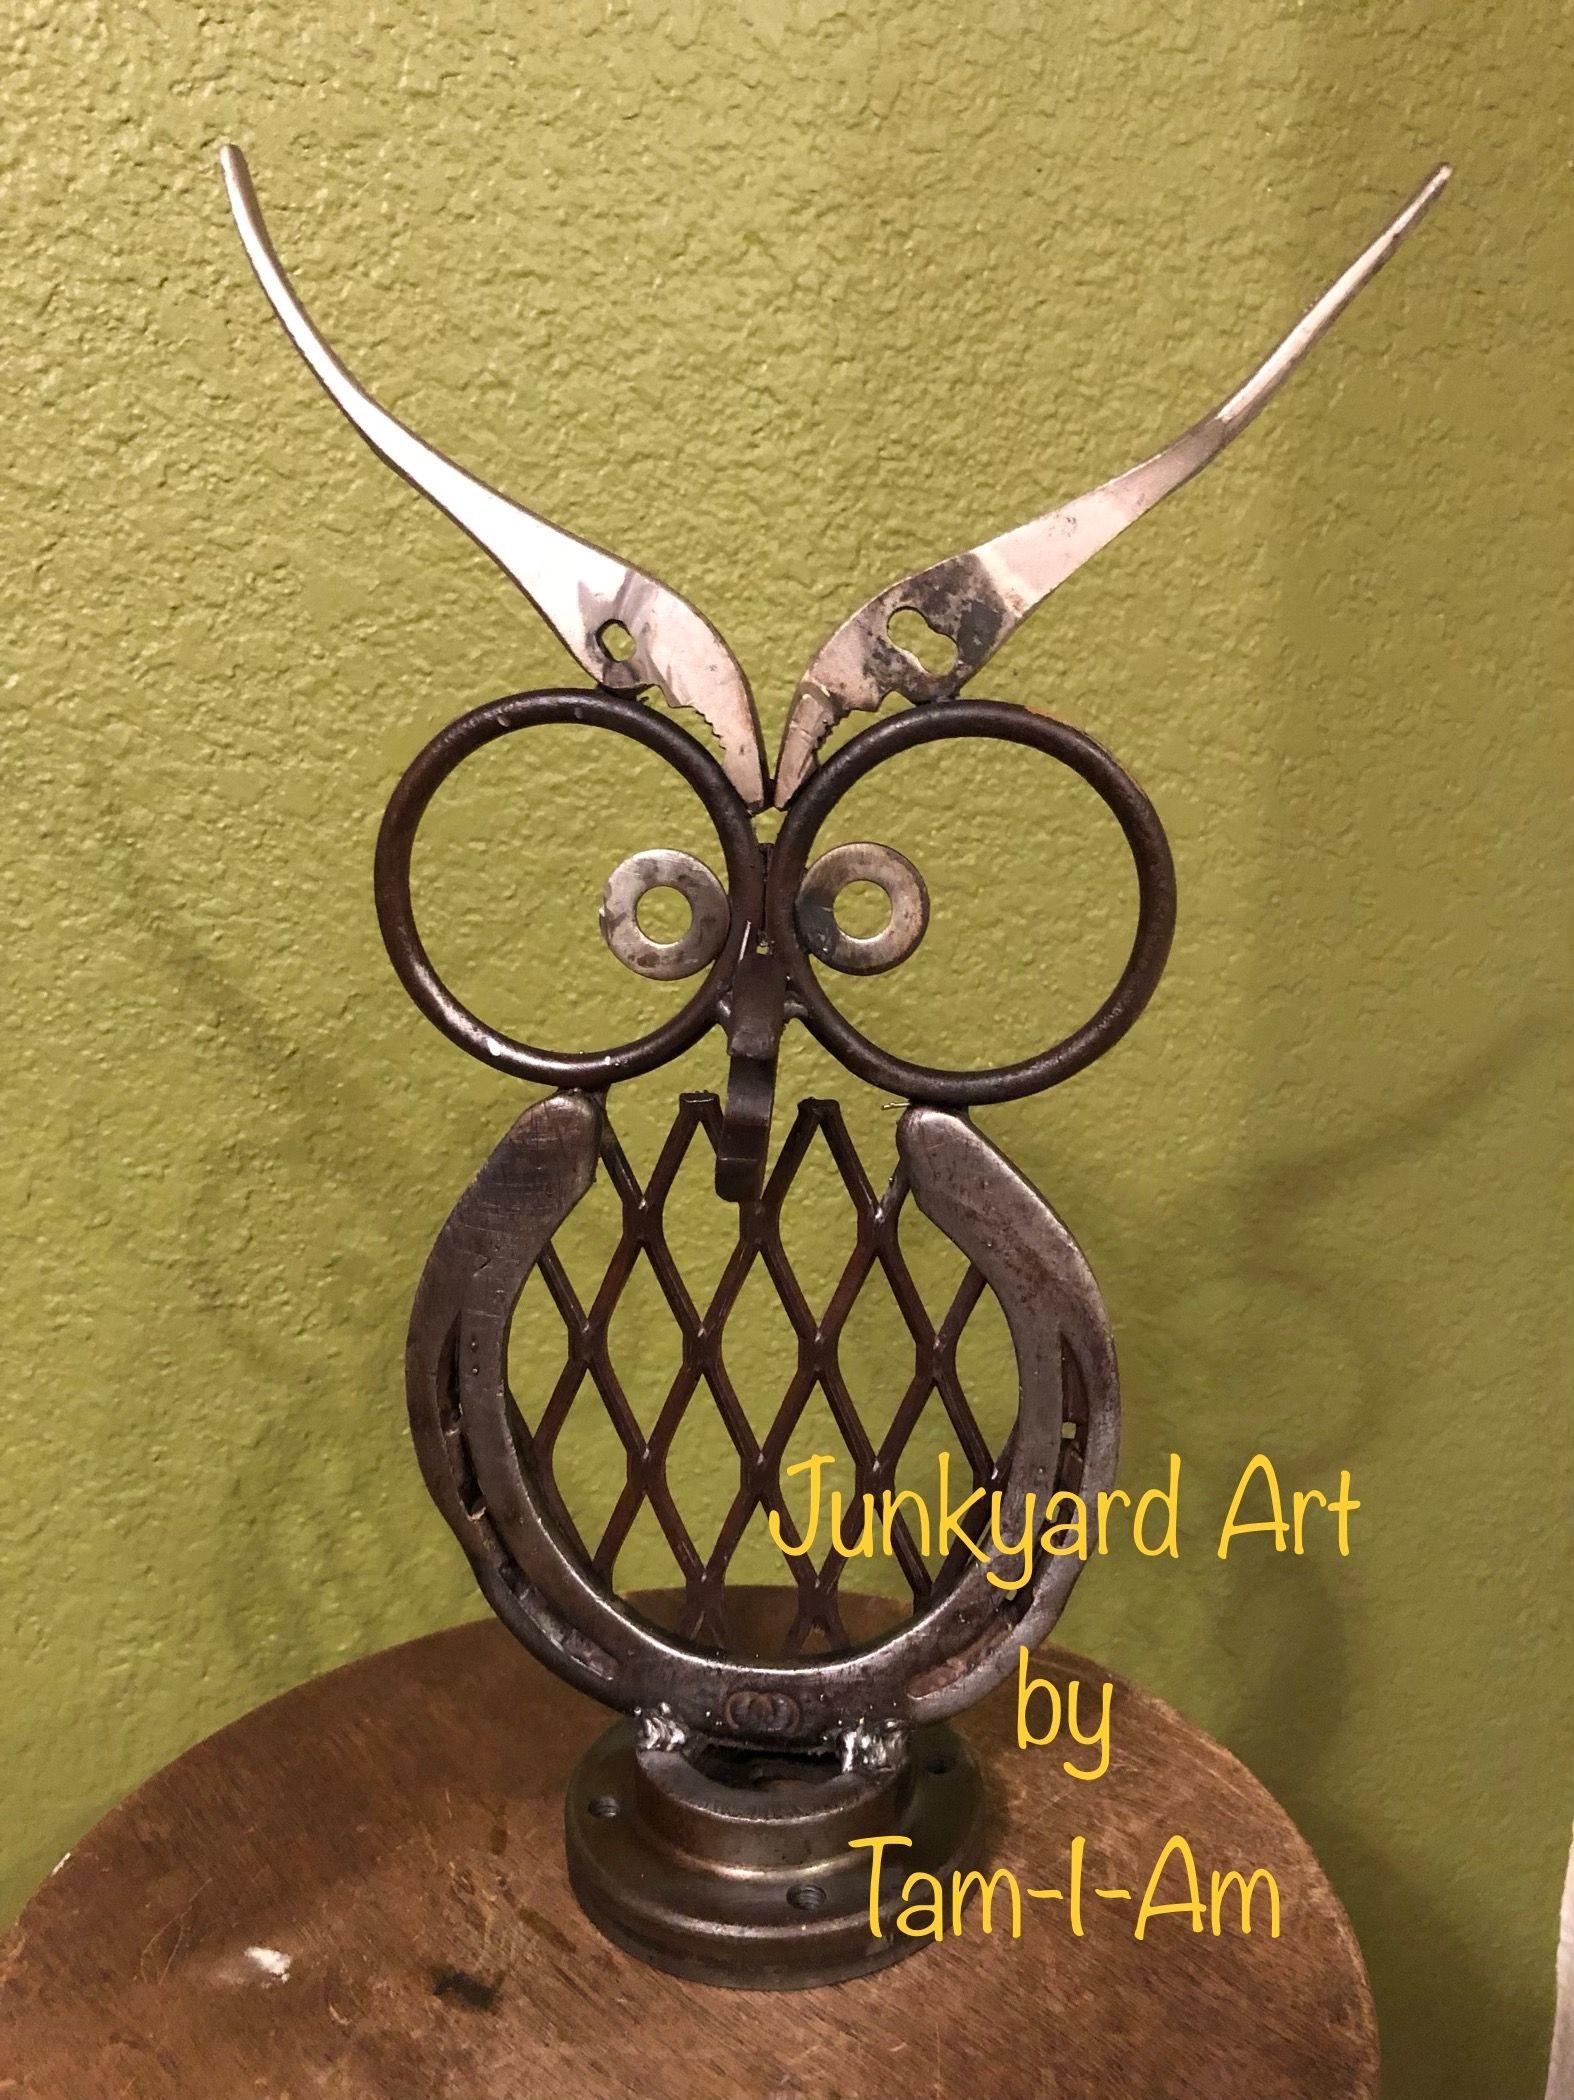 Junkyard Art by Tam-I-Am. Repurposed horseshoe, metal rings, and ...